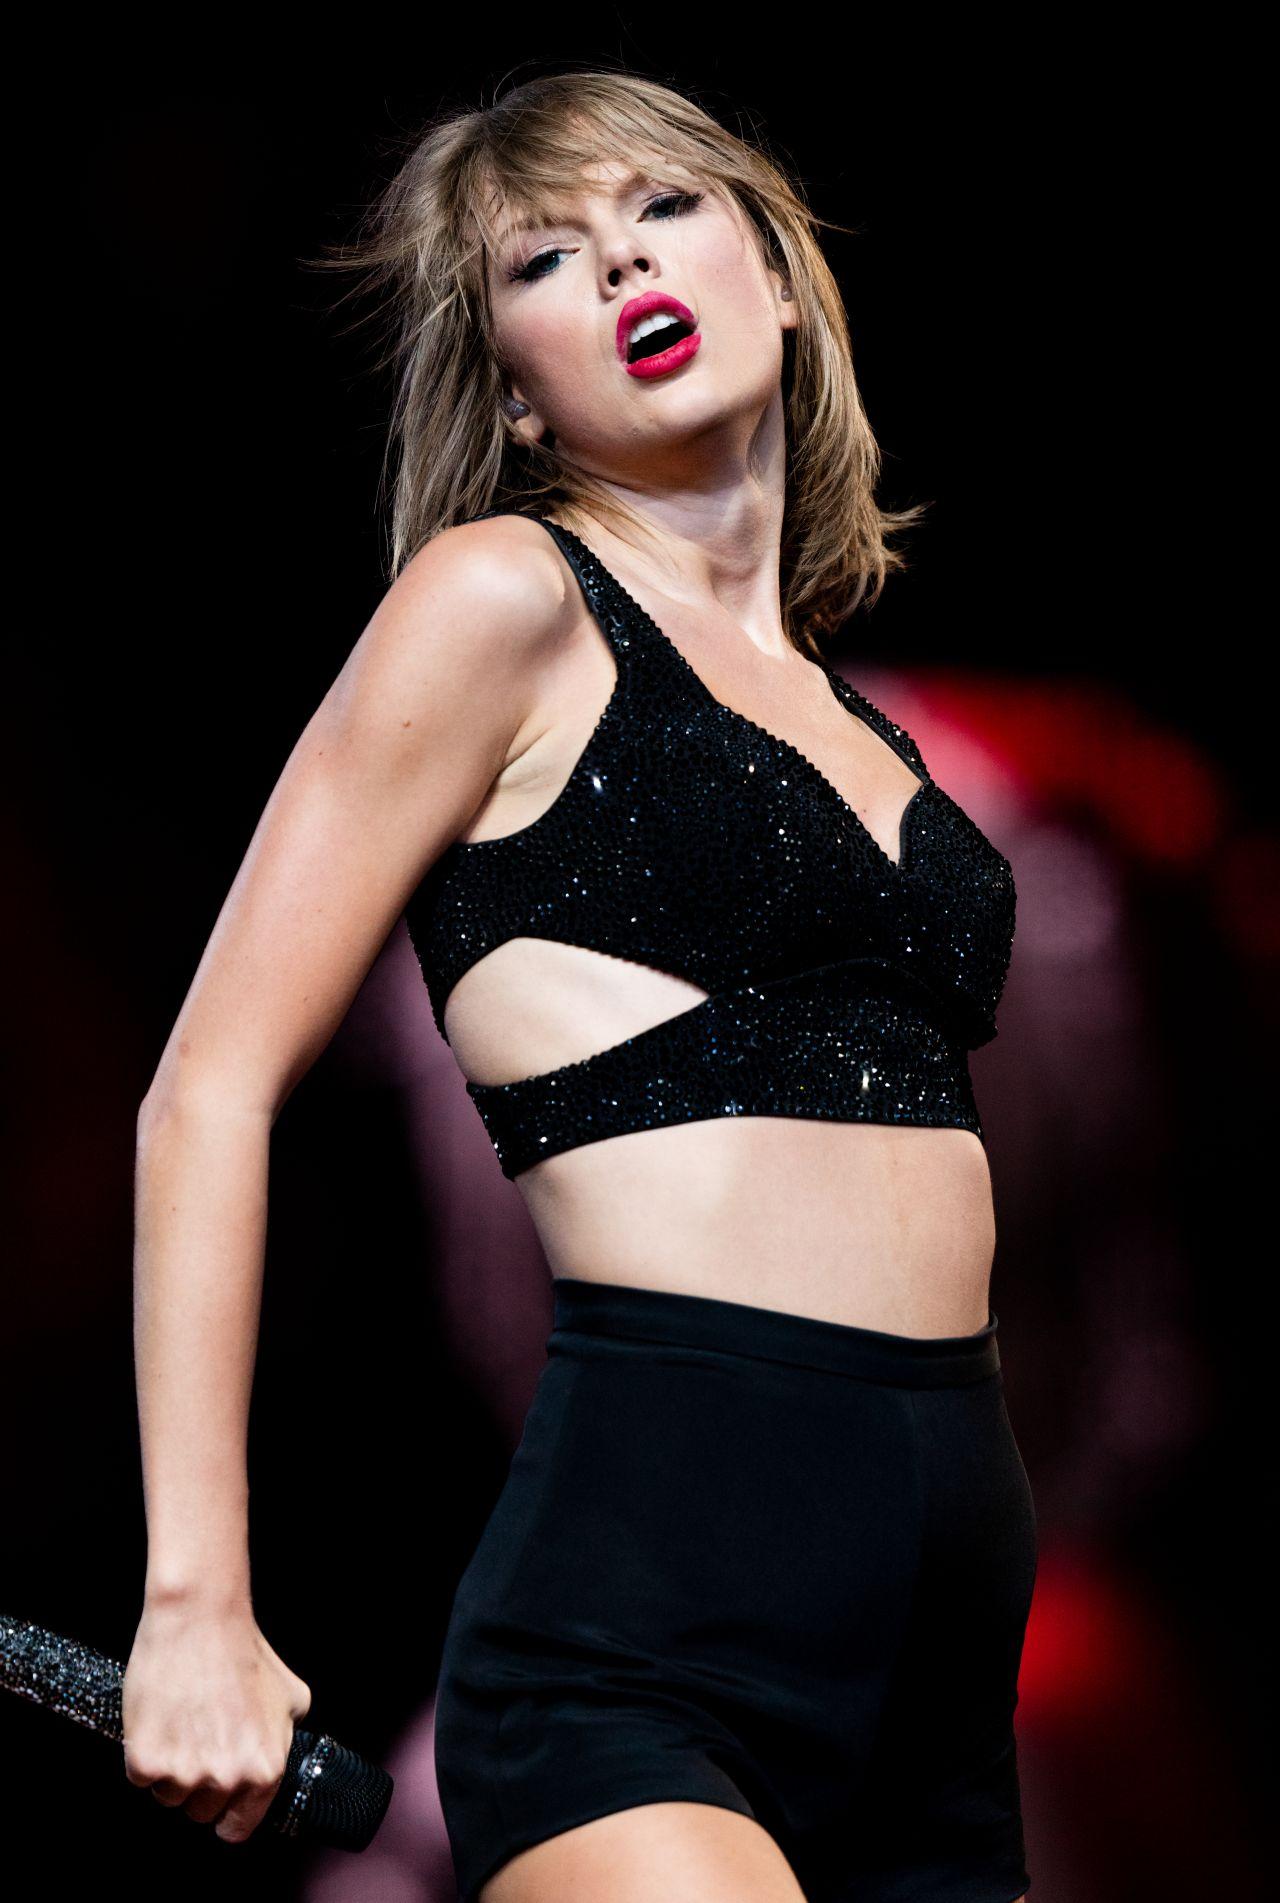 La famosa cantante Taylor Swift sufre de una terrible enfermedad